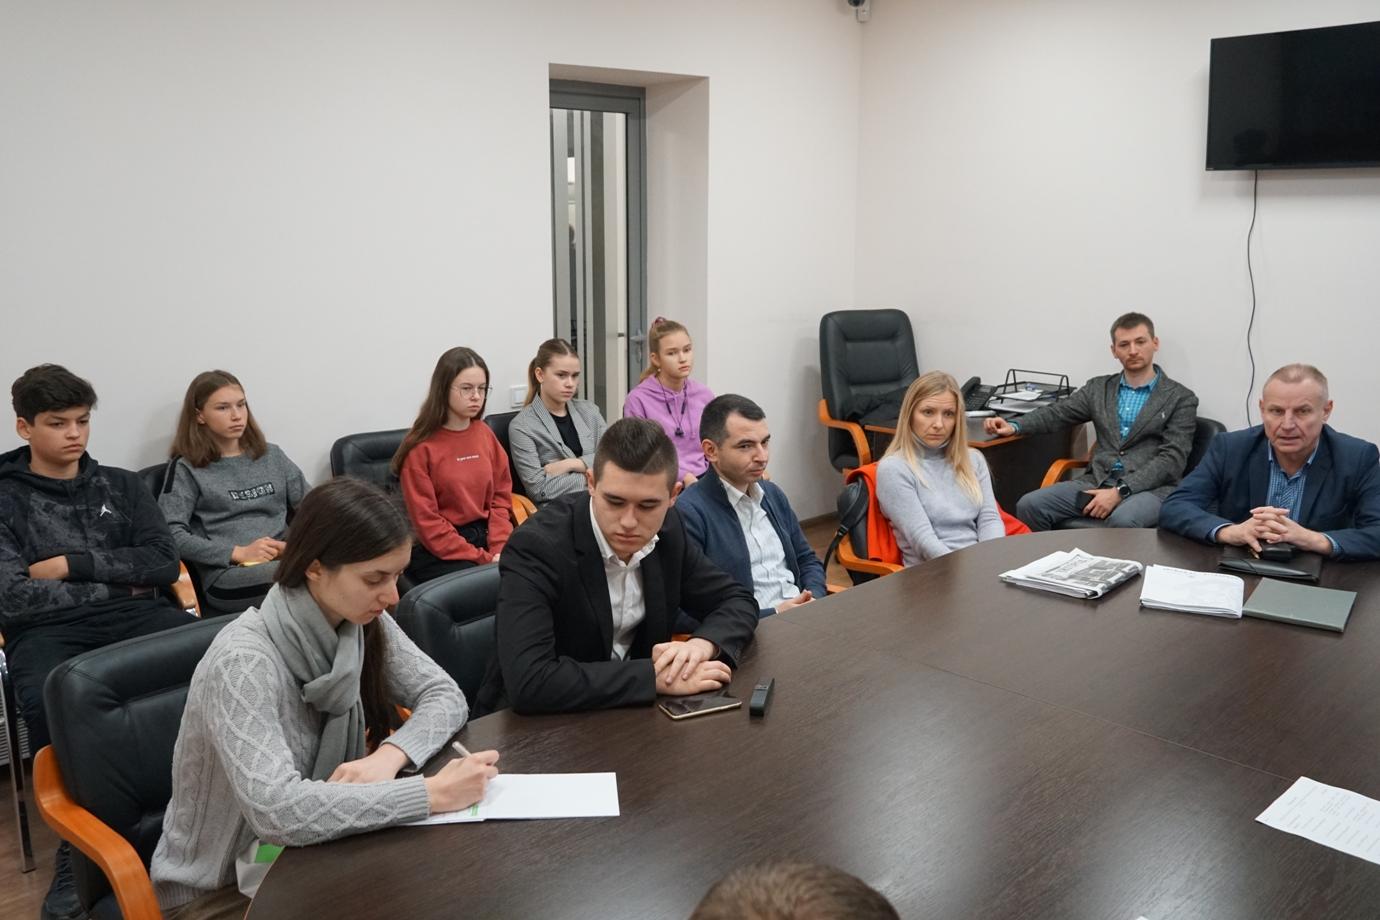 Засідання експертної комісії з впровадження бюджету громадської ініціативи відбулося сьогодні в Ужгородській міській раді.